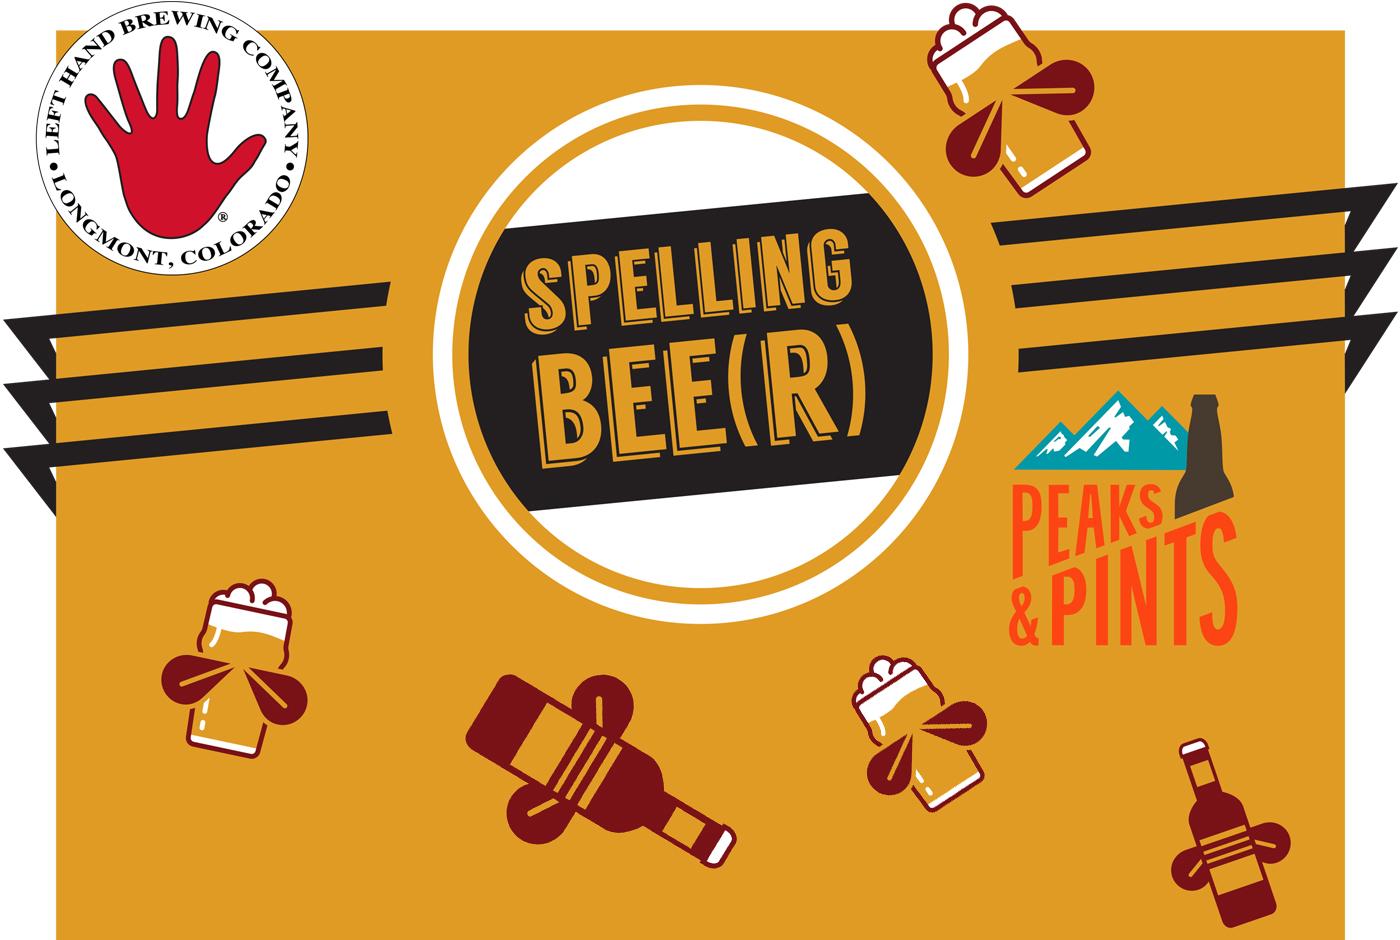 Peaks-and-Pints-Spelling-Bee-r-calendar